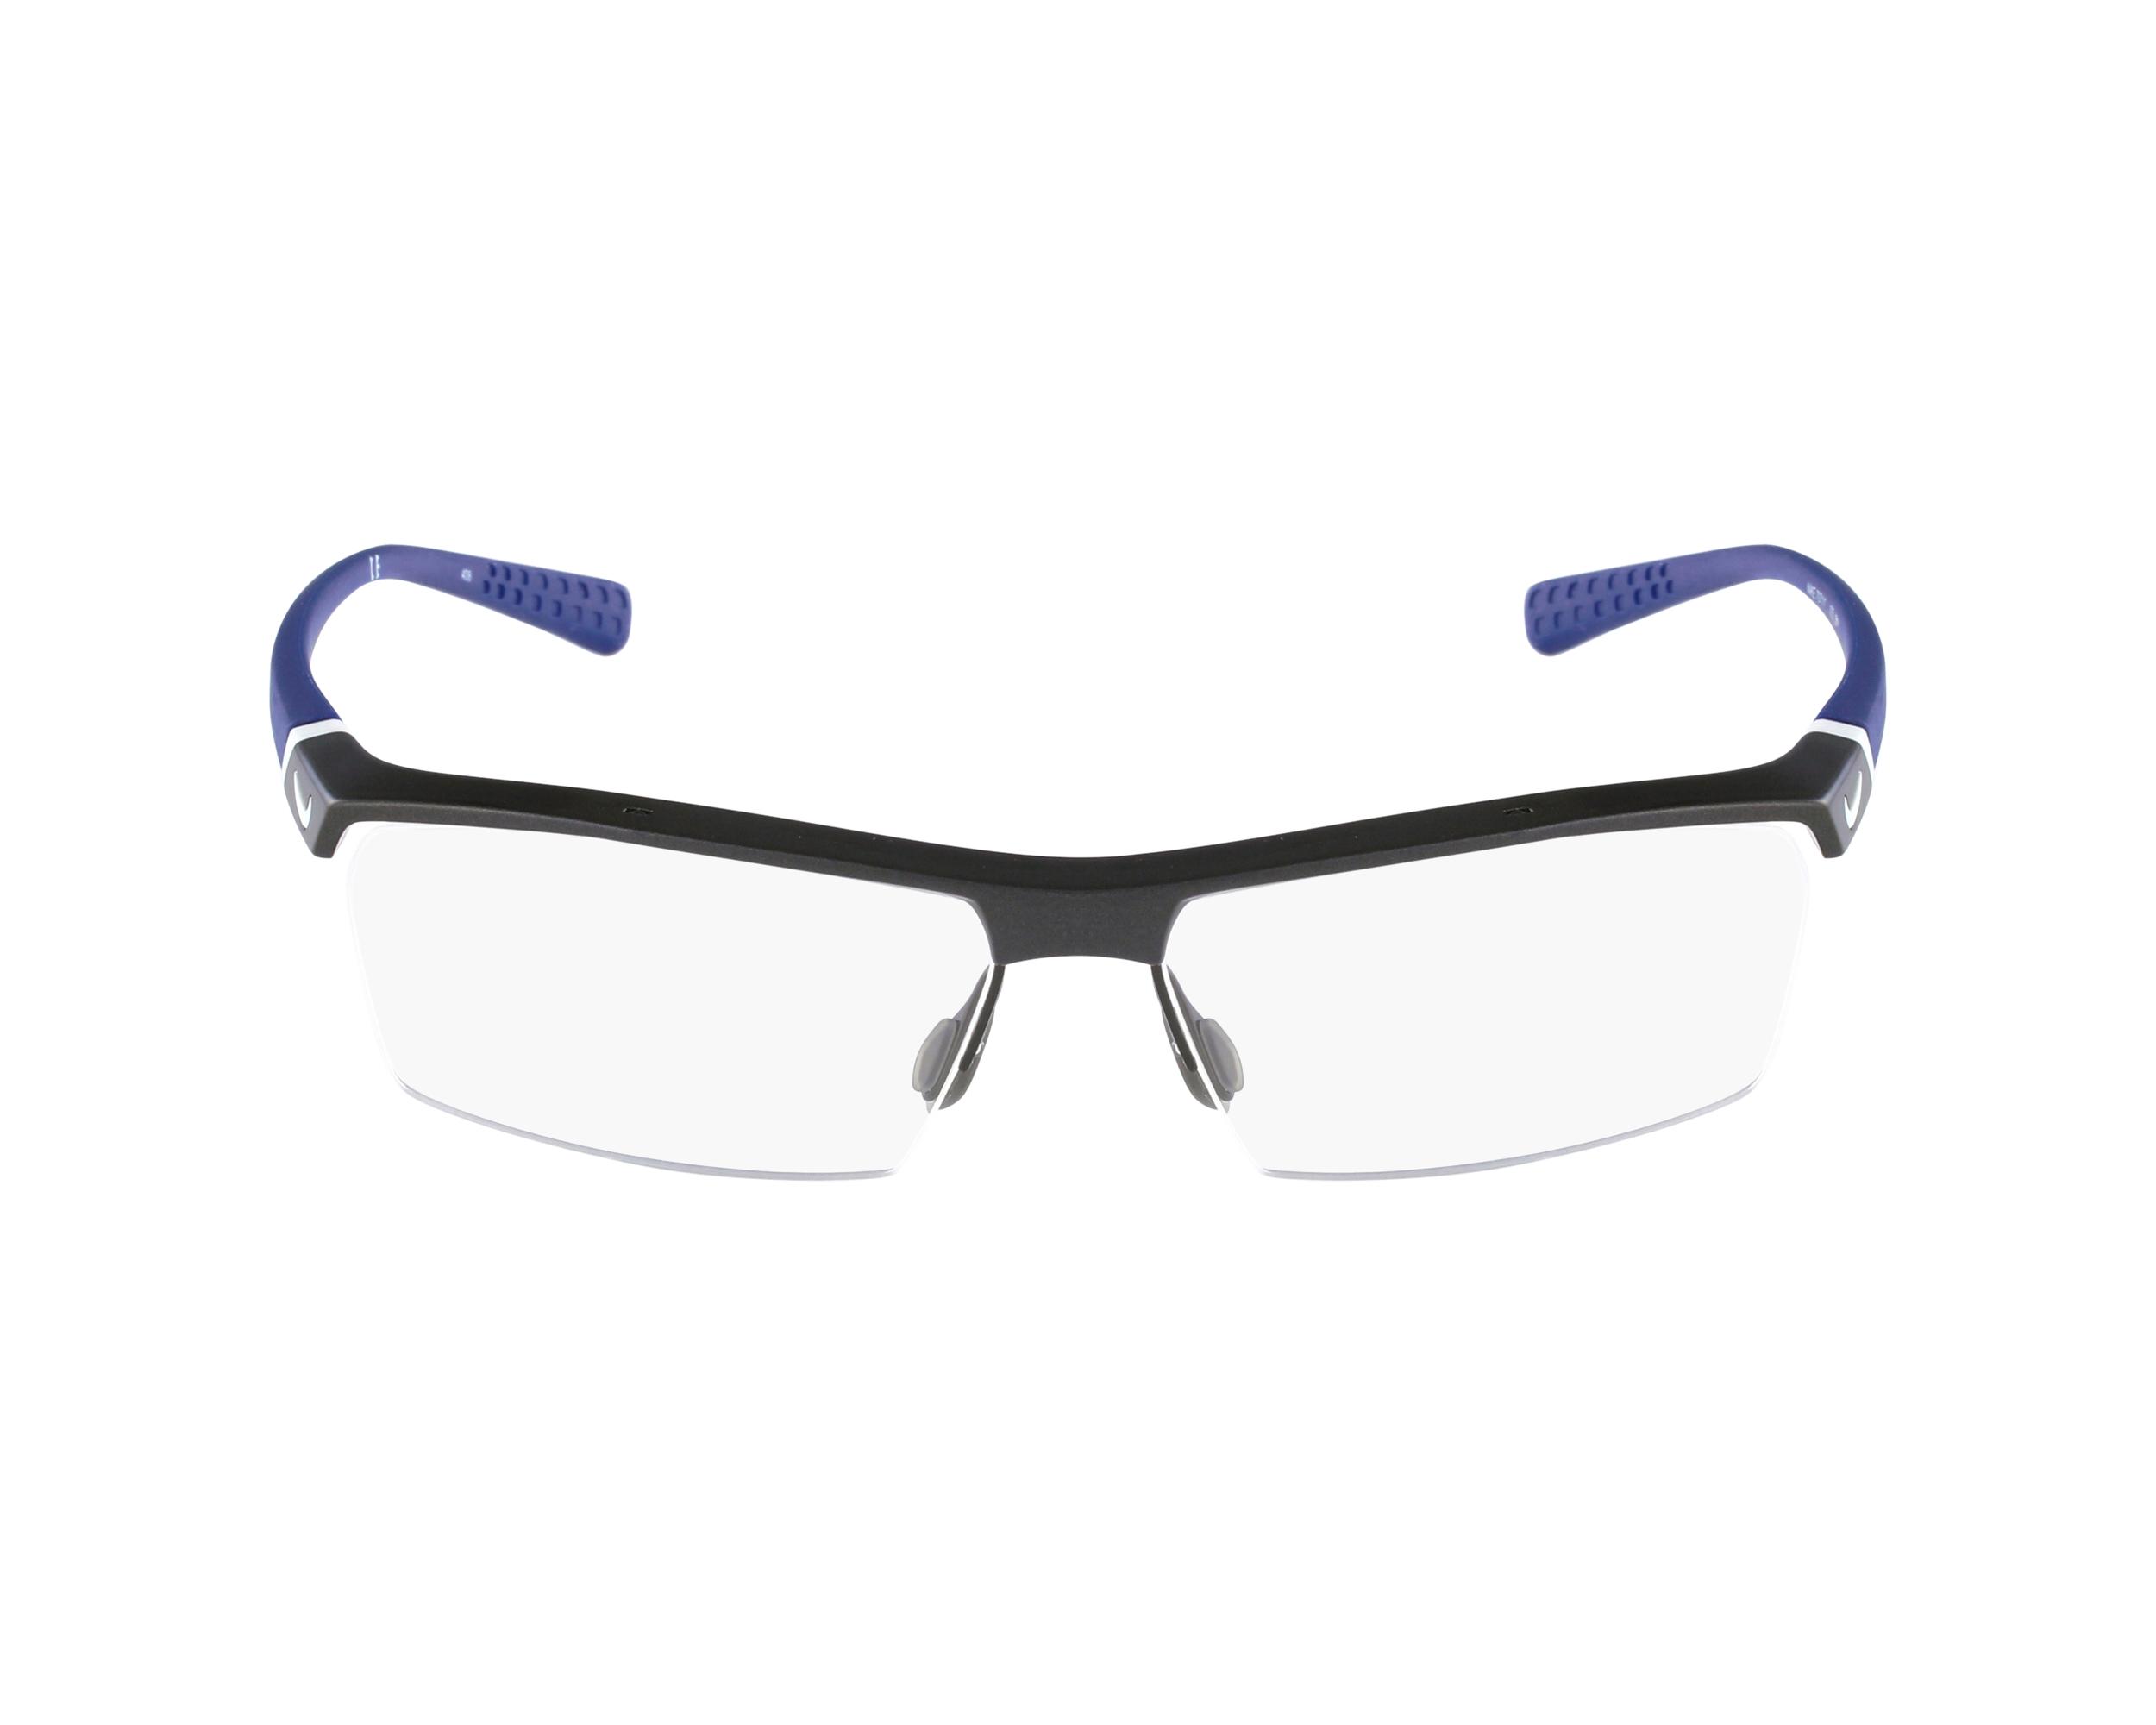 Buy Nike Eyeglasses 7071-1 075 Online - Visionet UK